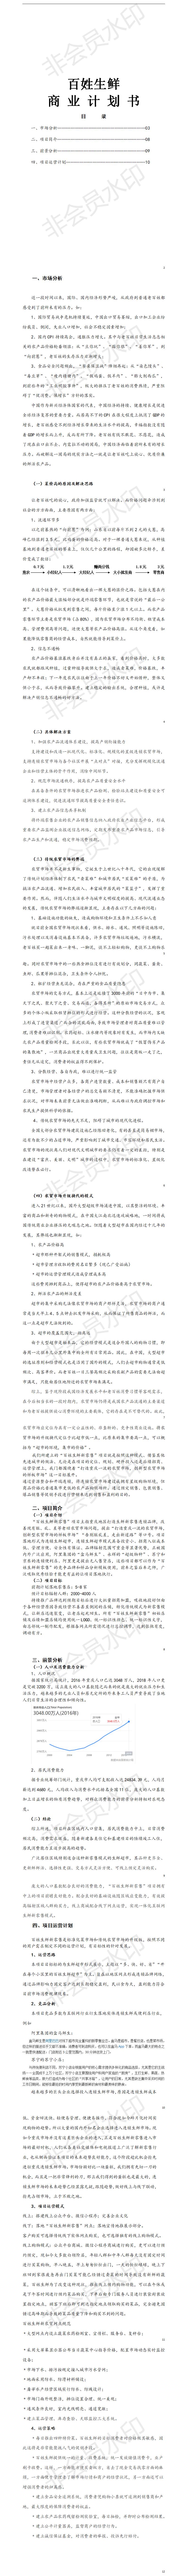 微信图文内容撰写排版文案提炼优化